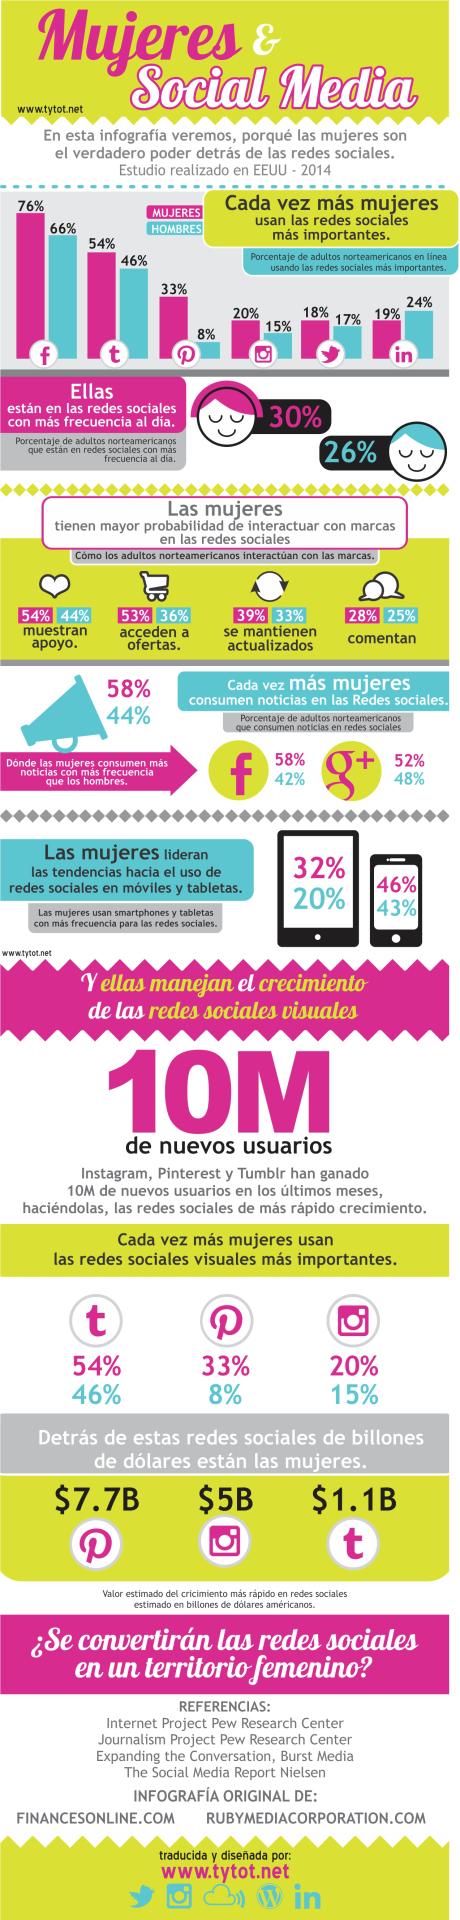 Infografías sobre mujeres